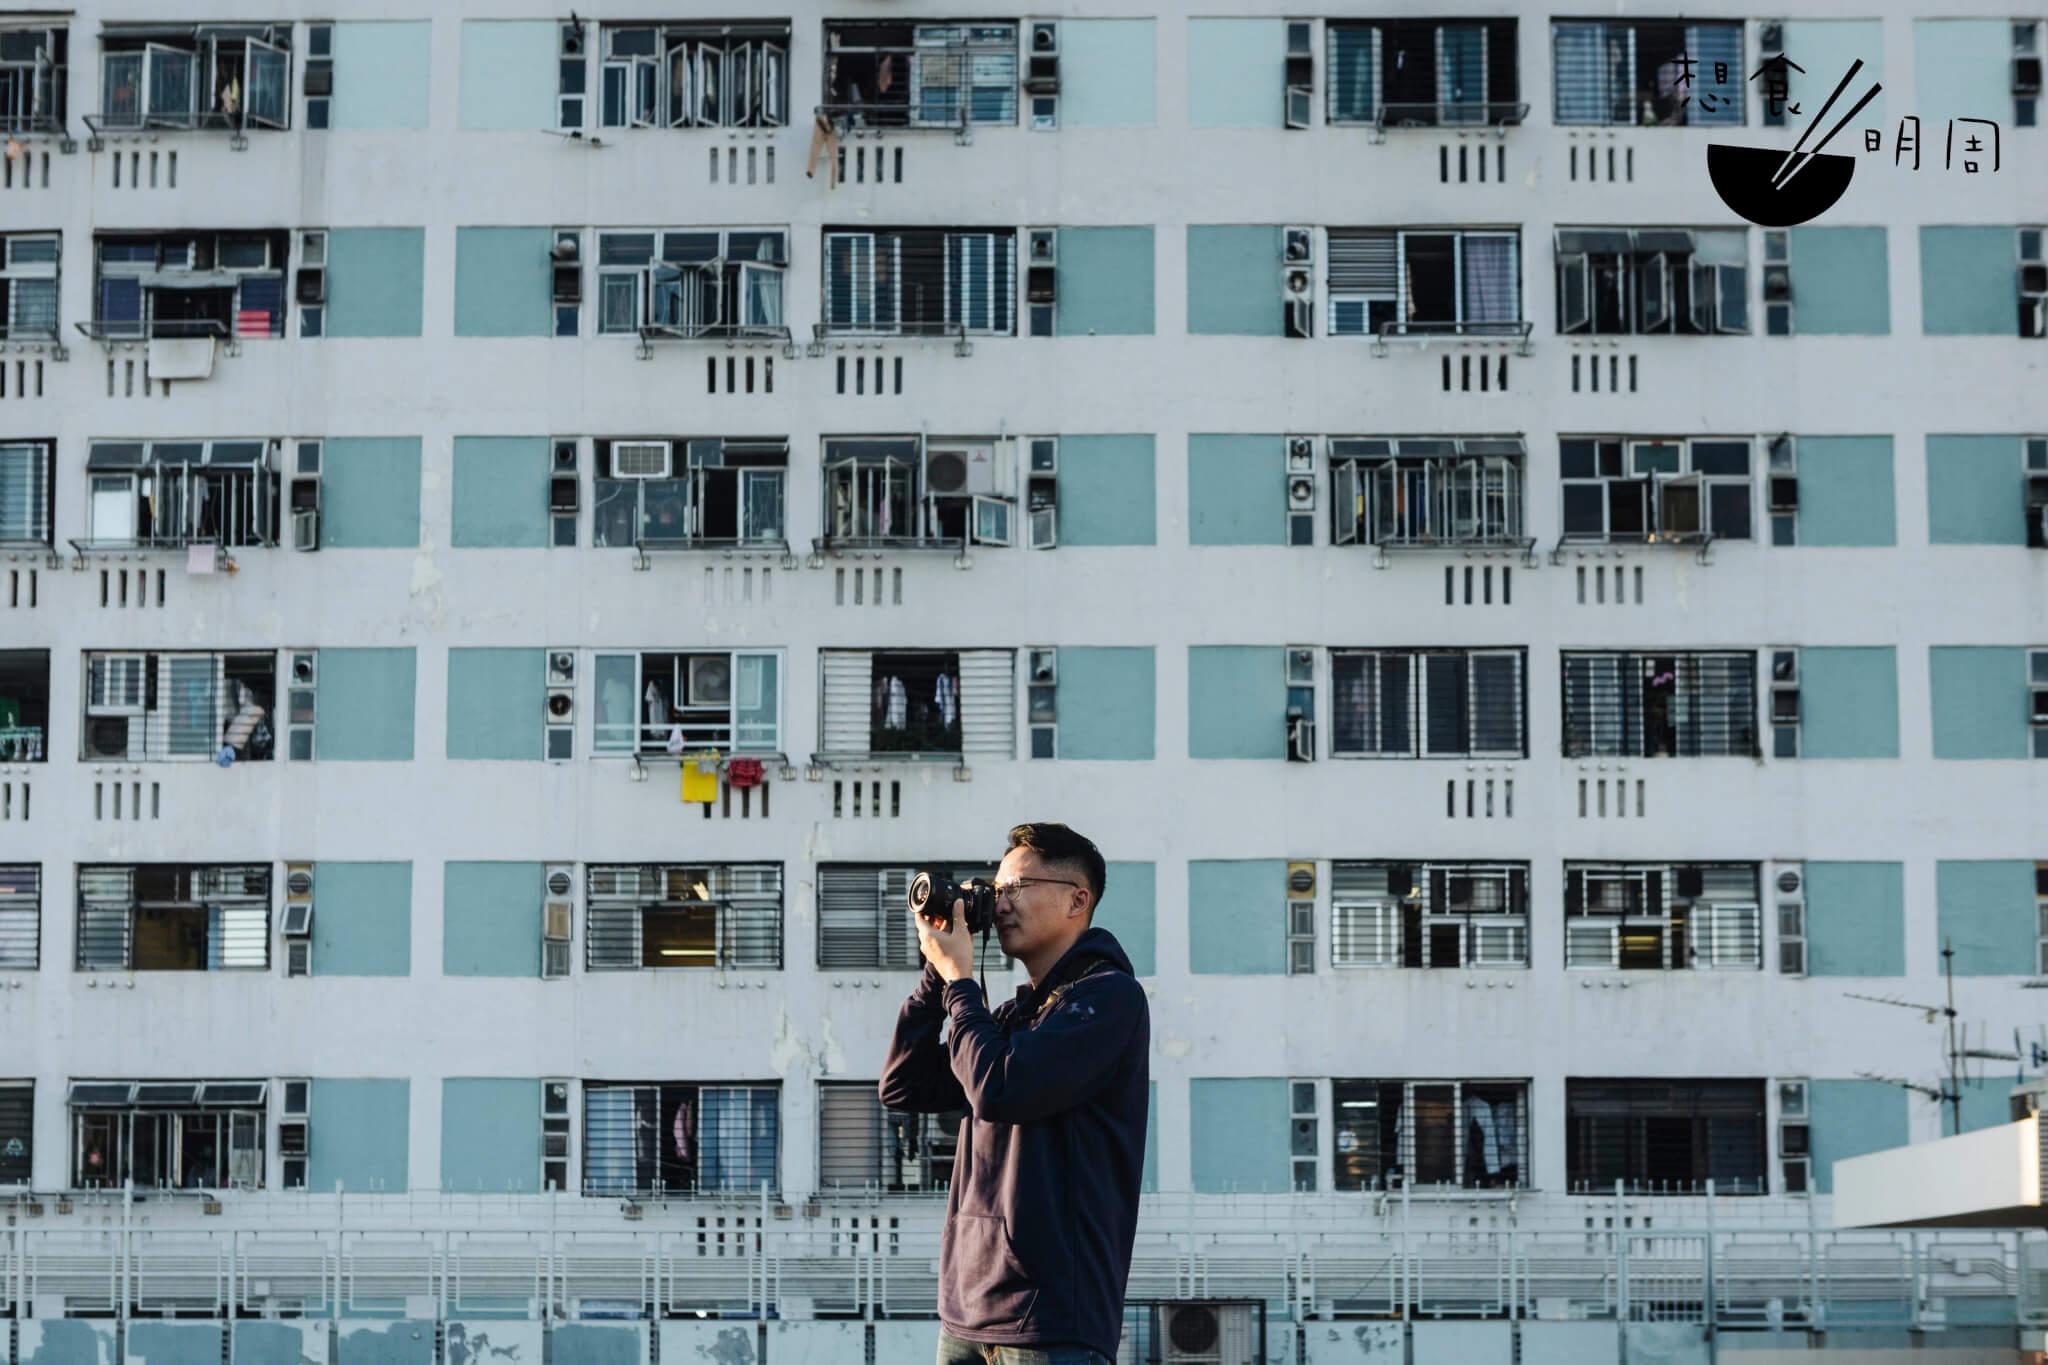 80後攝影師梁瑋鑫(William)是《香港公共屋邨圖片集》的版主,曾出版攝影集《邨越時光— 一種屋邨情懷》。他專注於記錄影人與屋邨的關係,總是要耐心地等,等理想的構圖出現,等一切微小卻有共鳴之事物的出現。